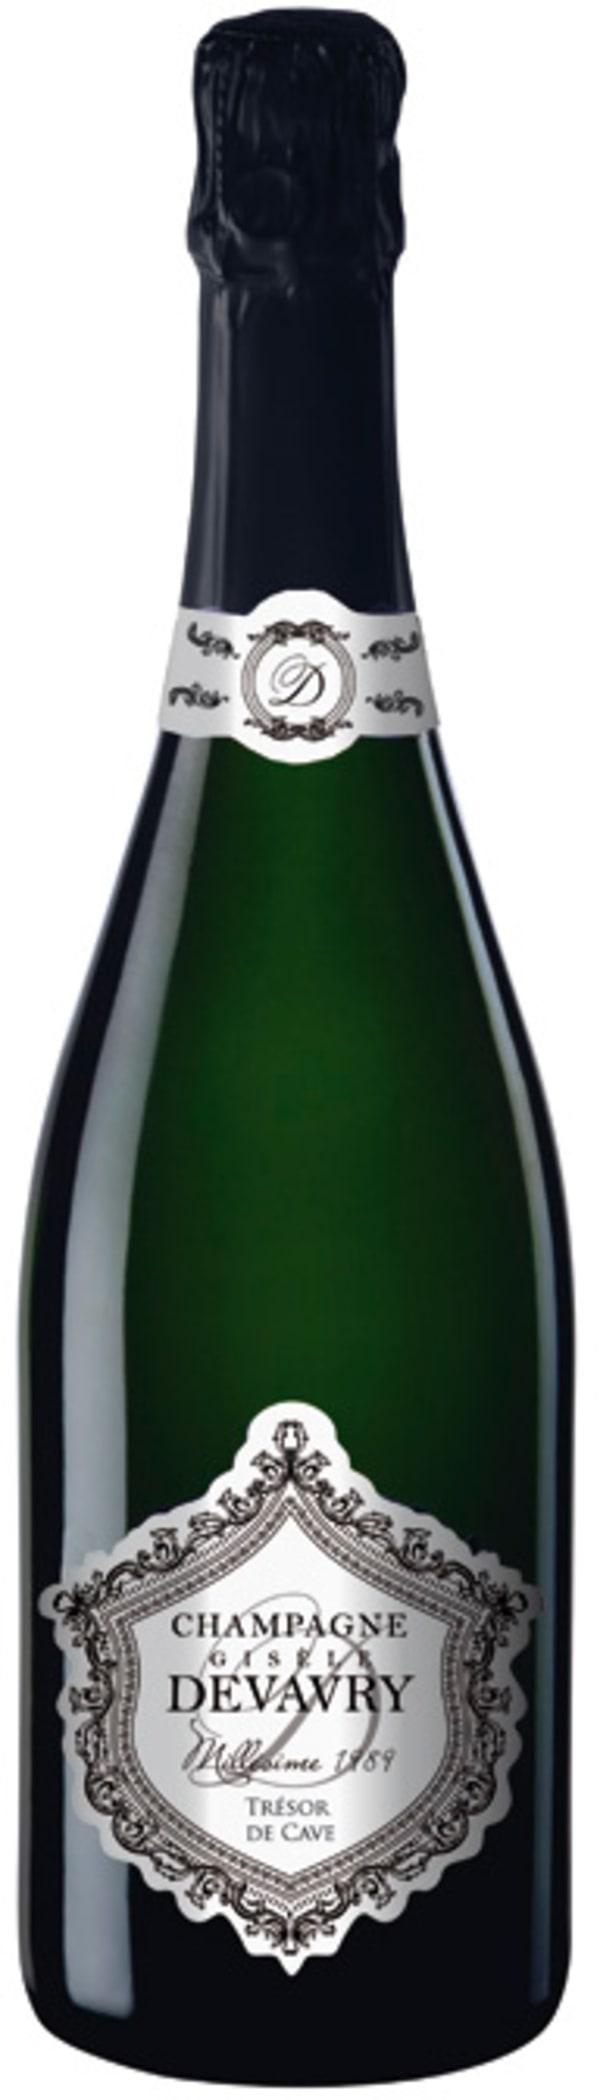 Gisèle Devavry Millésime Trésor de Cave Champagne Brut 1989